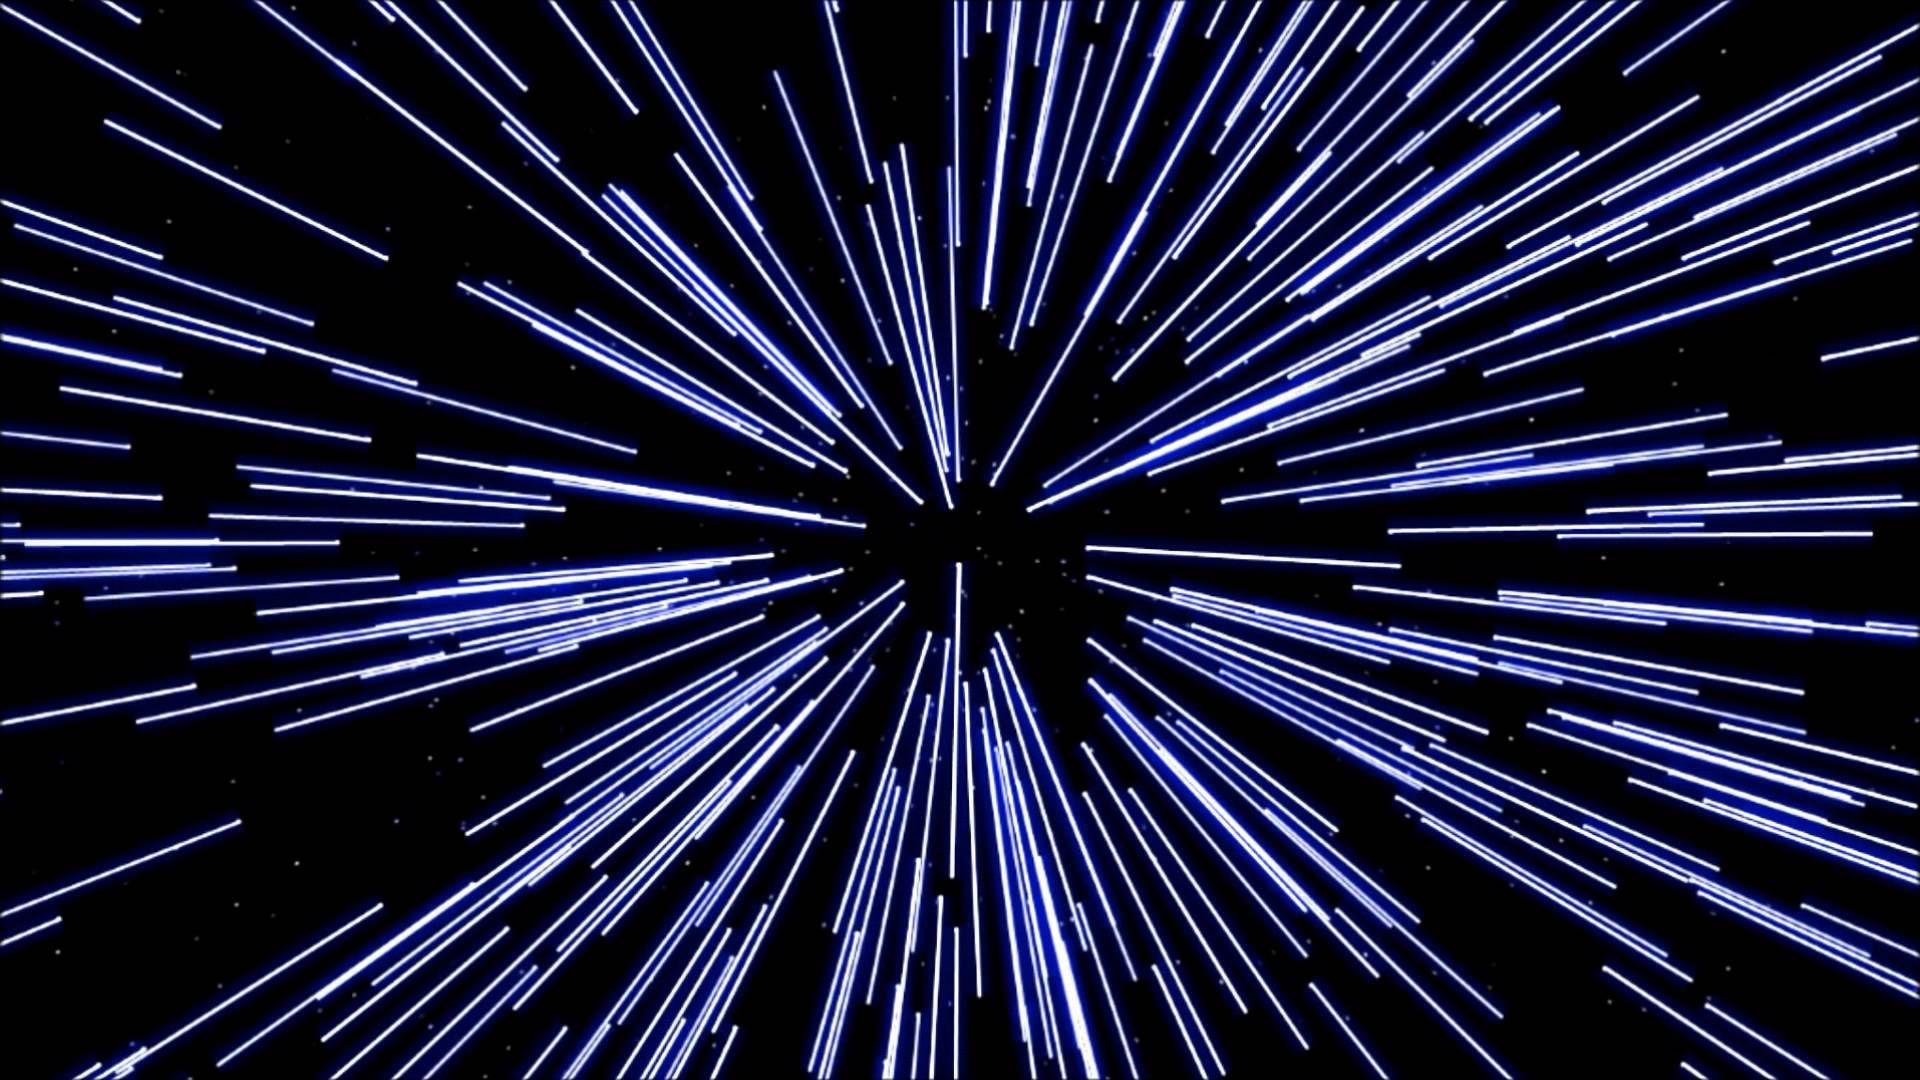 3d hd star wars jump to lightspeed hyperspace star trek